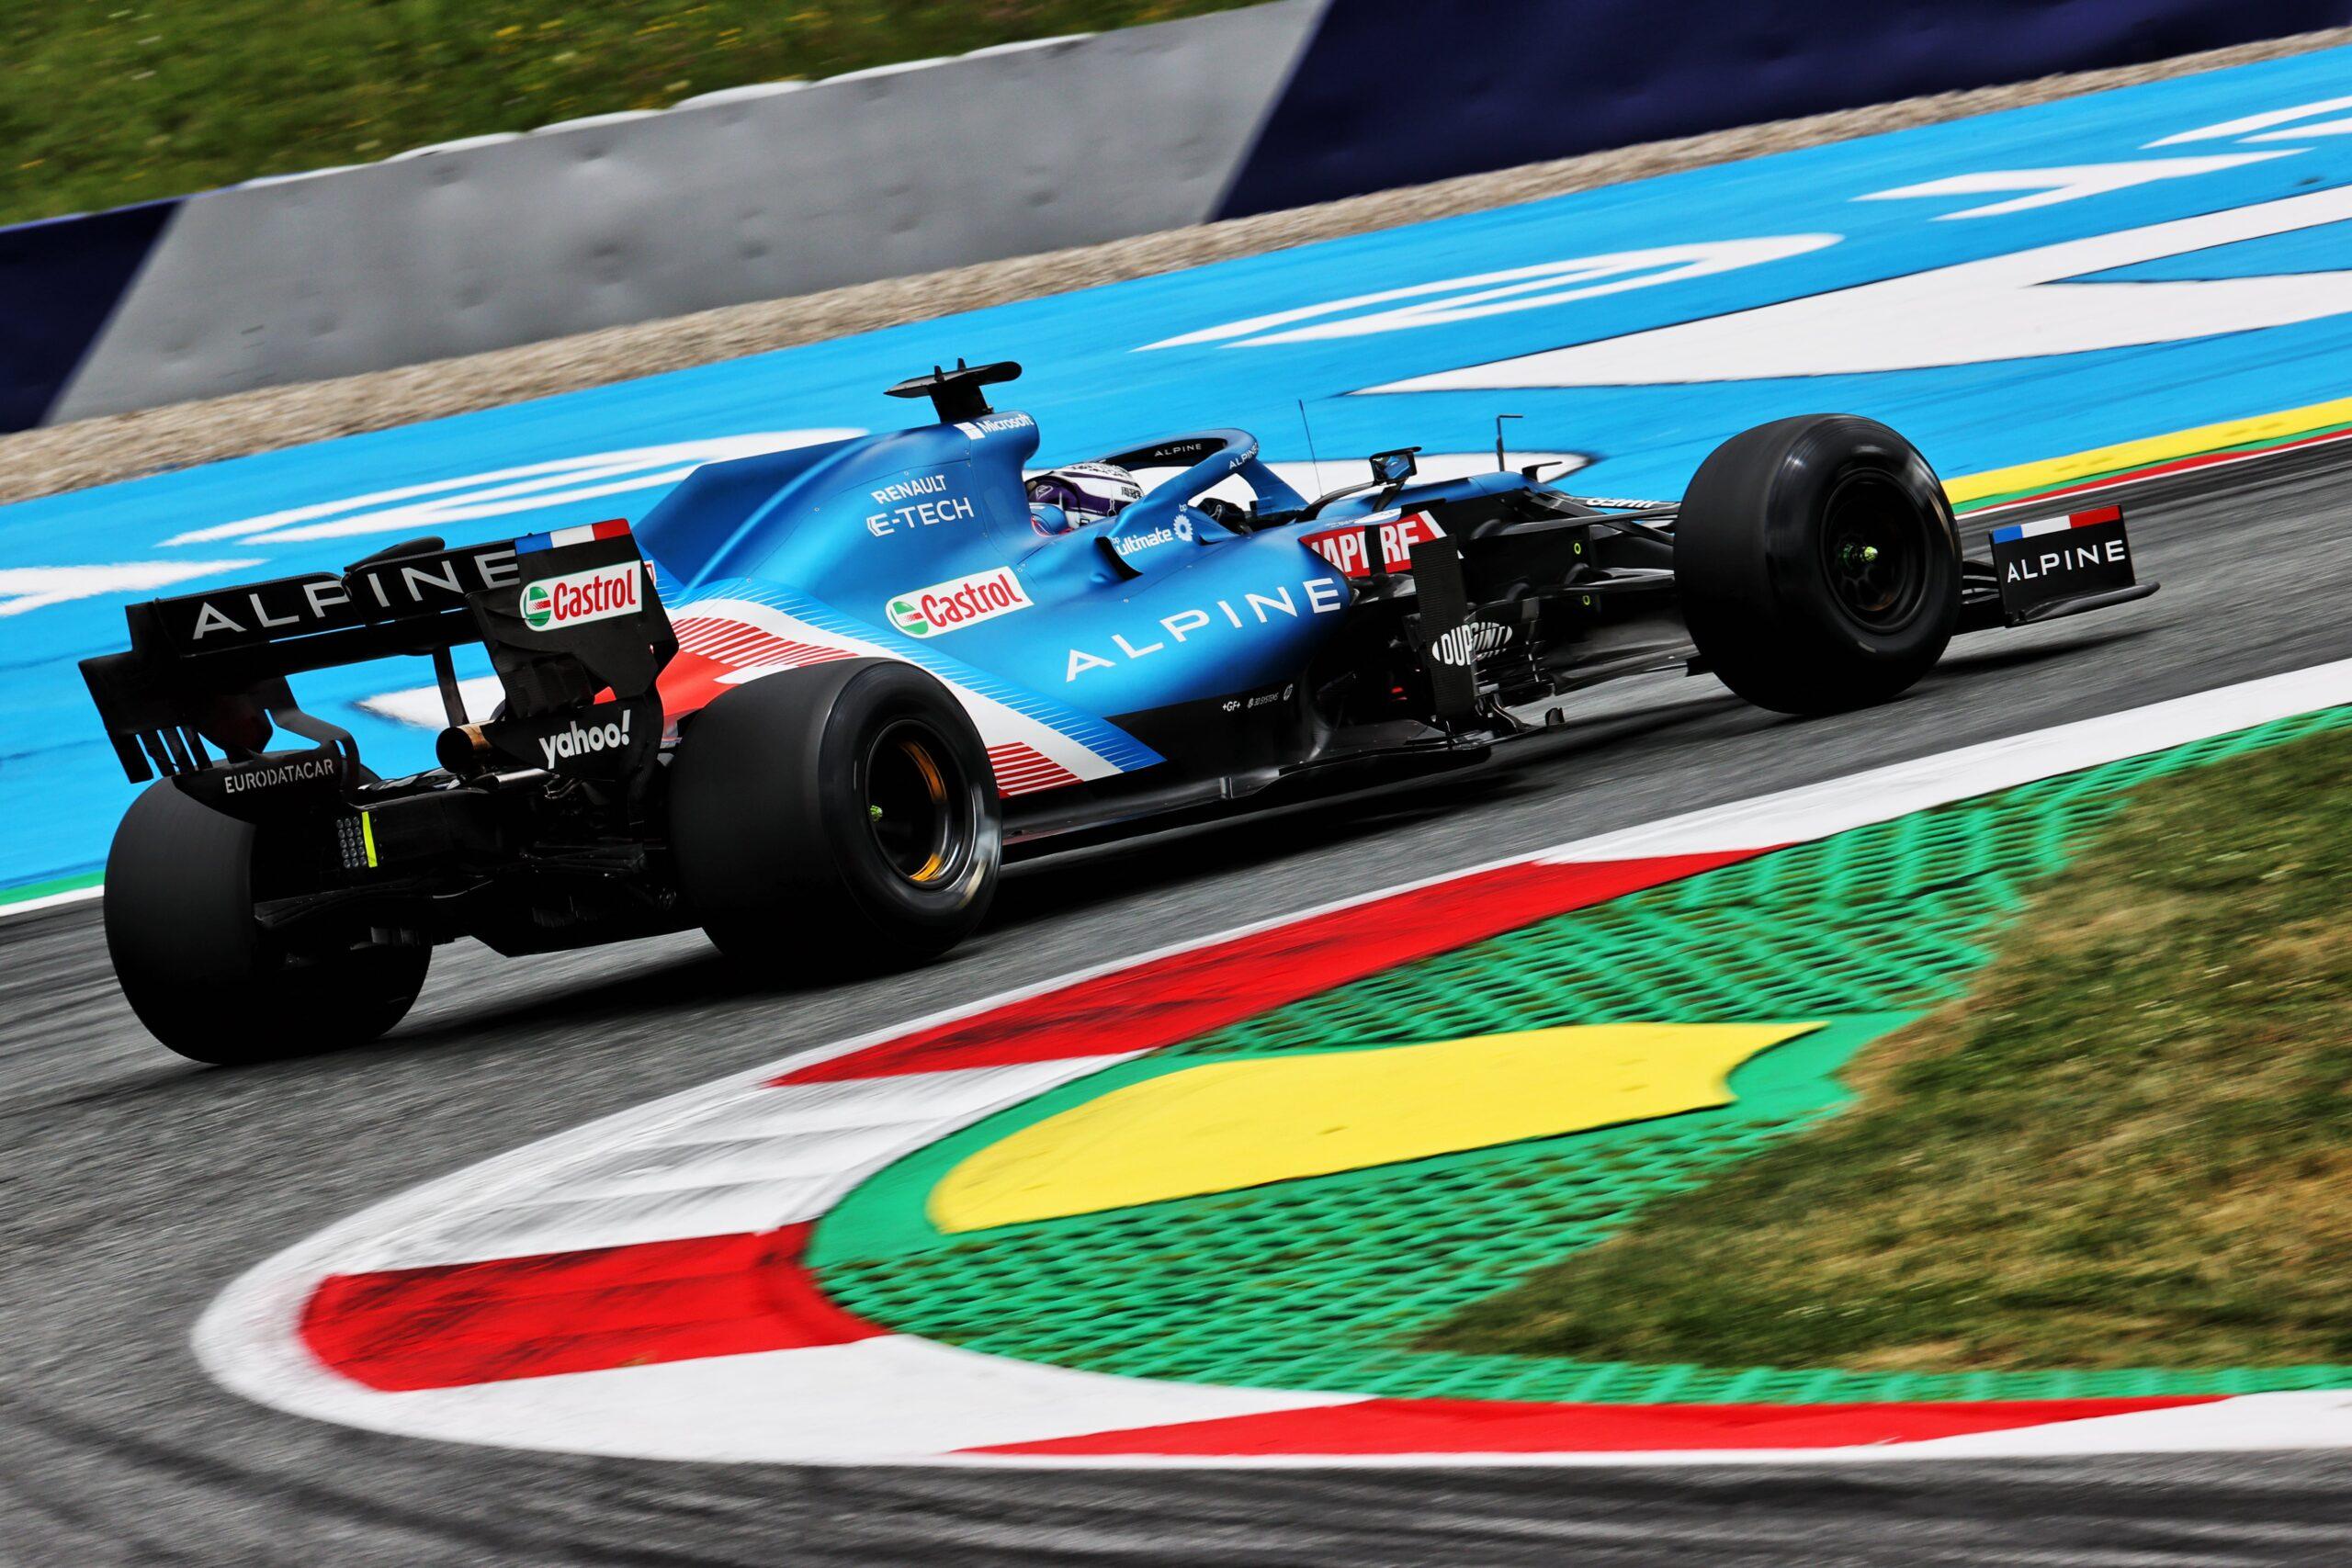 Alpine F1 Alonso Ocon A521 GP Autriche Spielberg 2021 27 scaled | Alpine F1 assure une séance d'essais studieuse au Grand-Prix d'Autriche